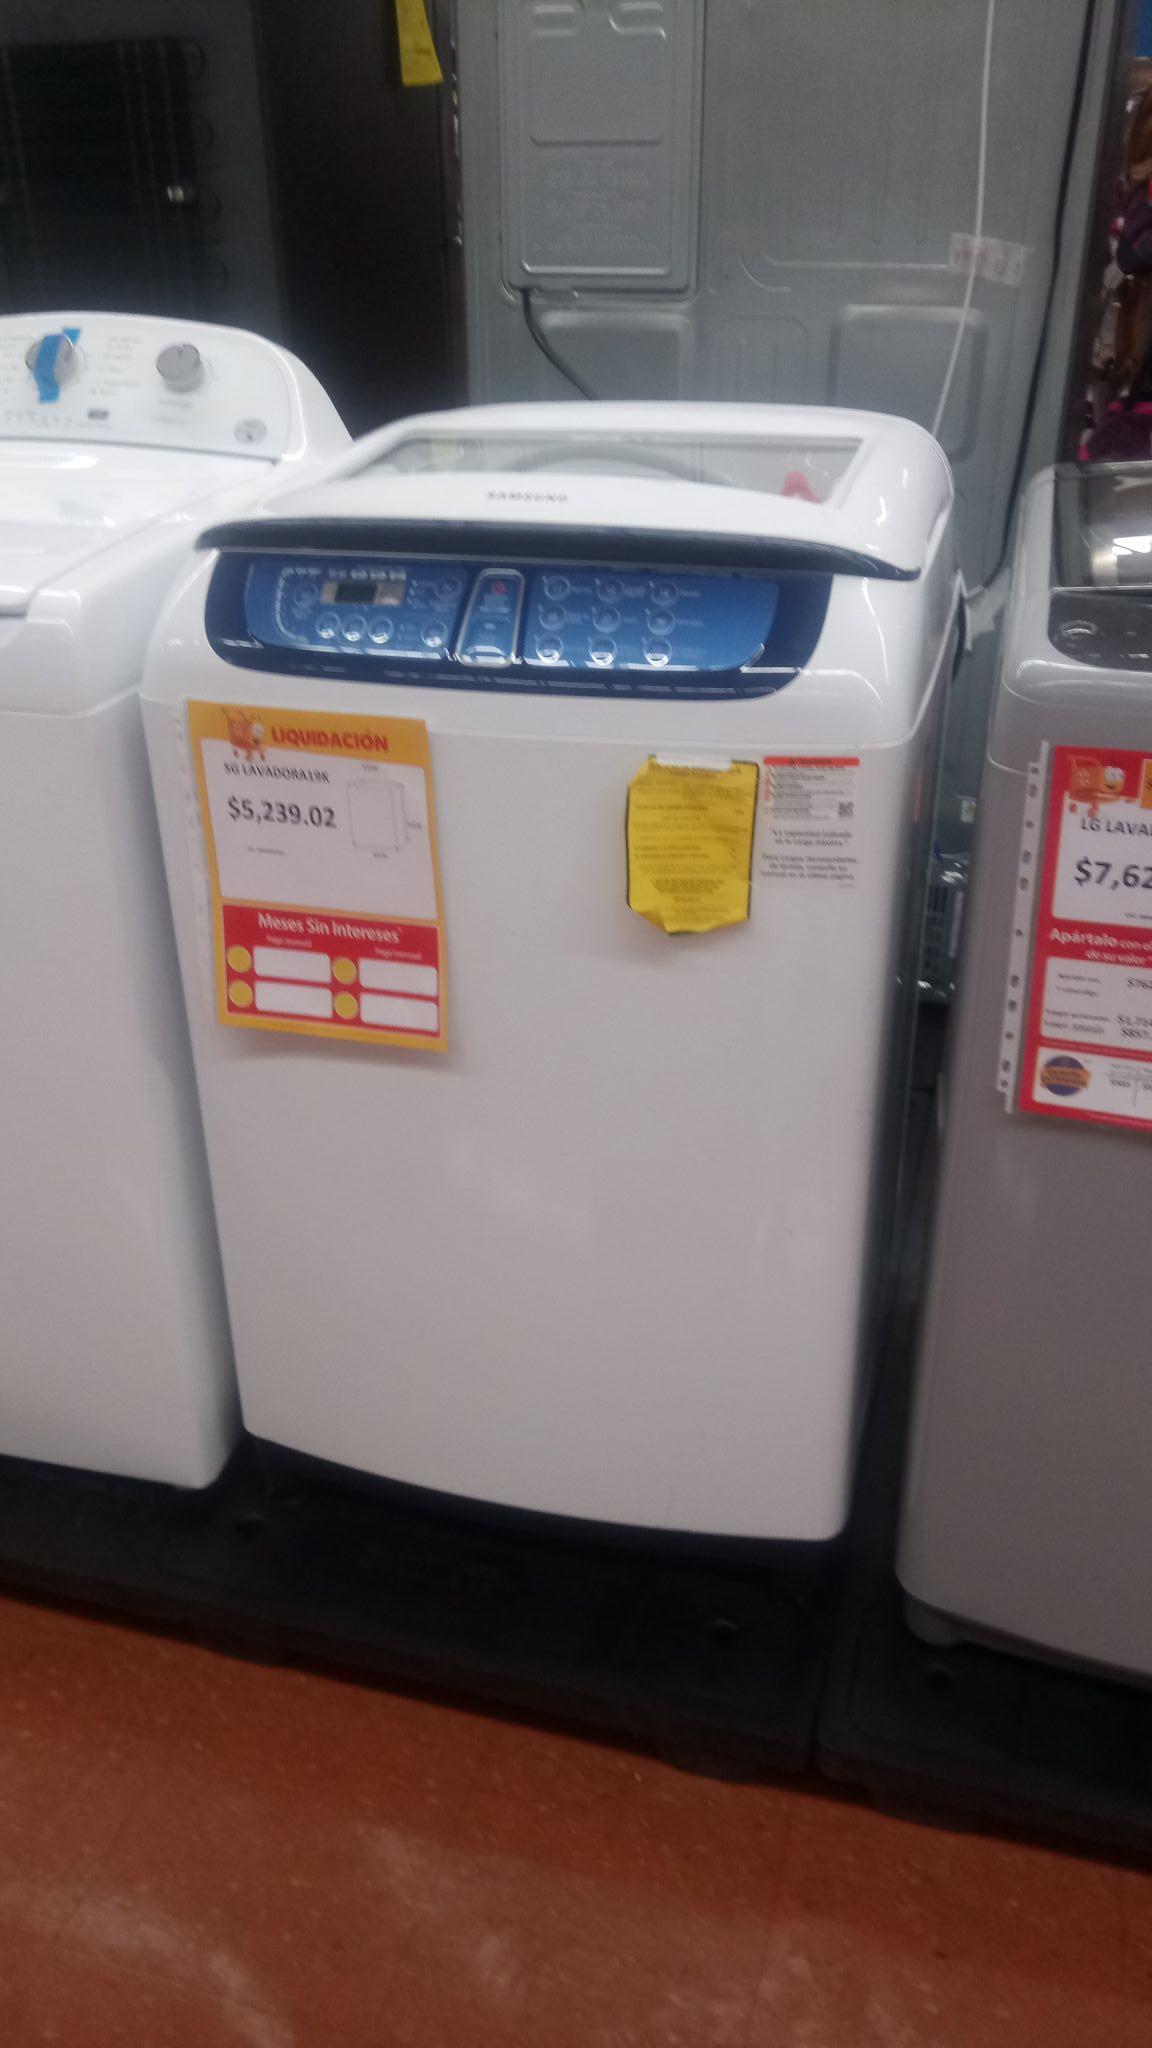 Walmart: Lavadora Samsung 19 kilos $5,239.02